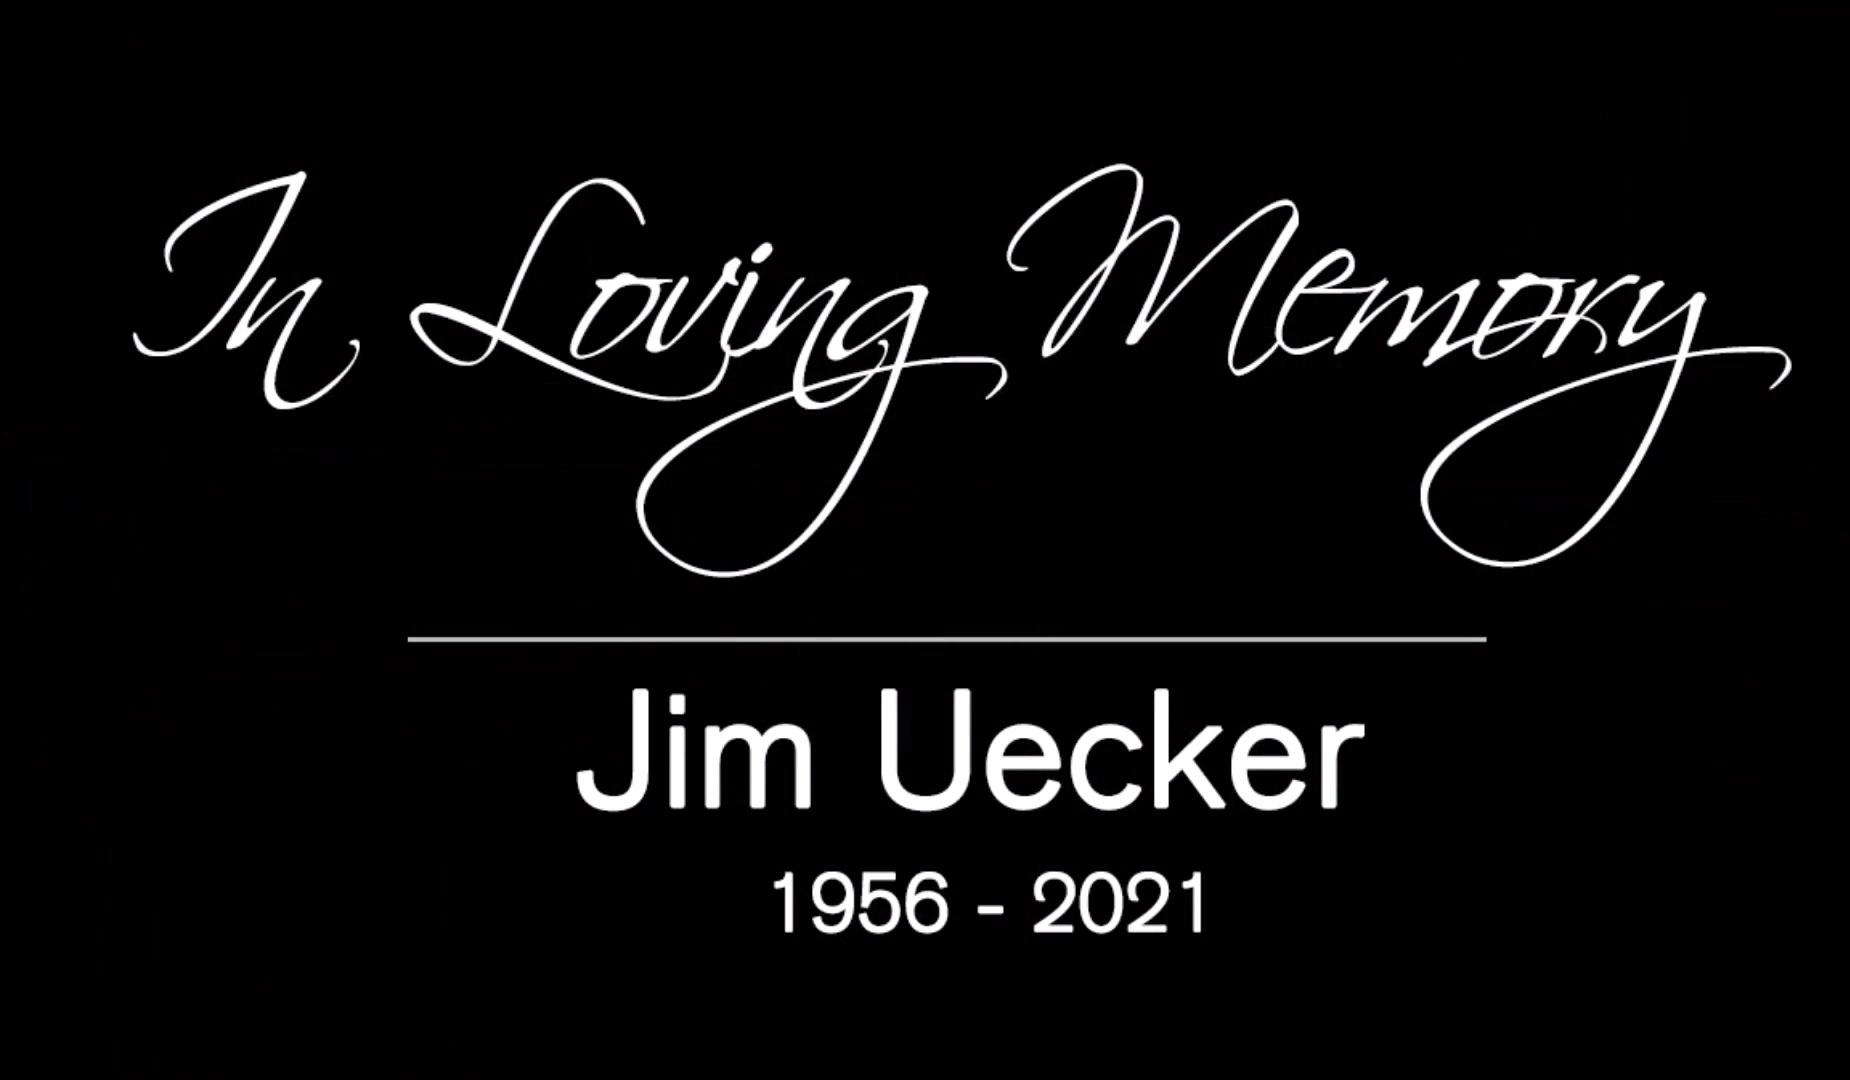 jim uecker memorial video proof mp4 1 - Jim